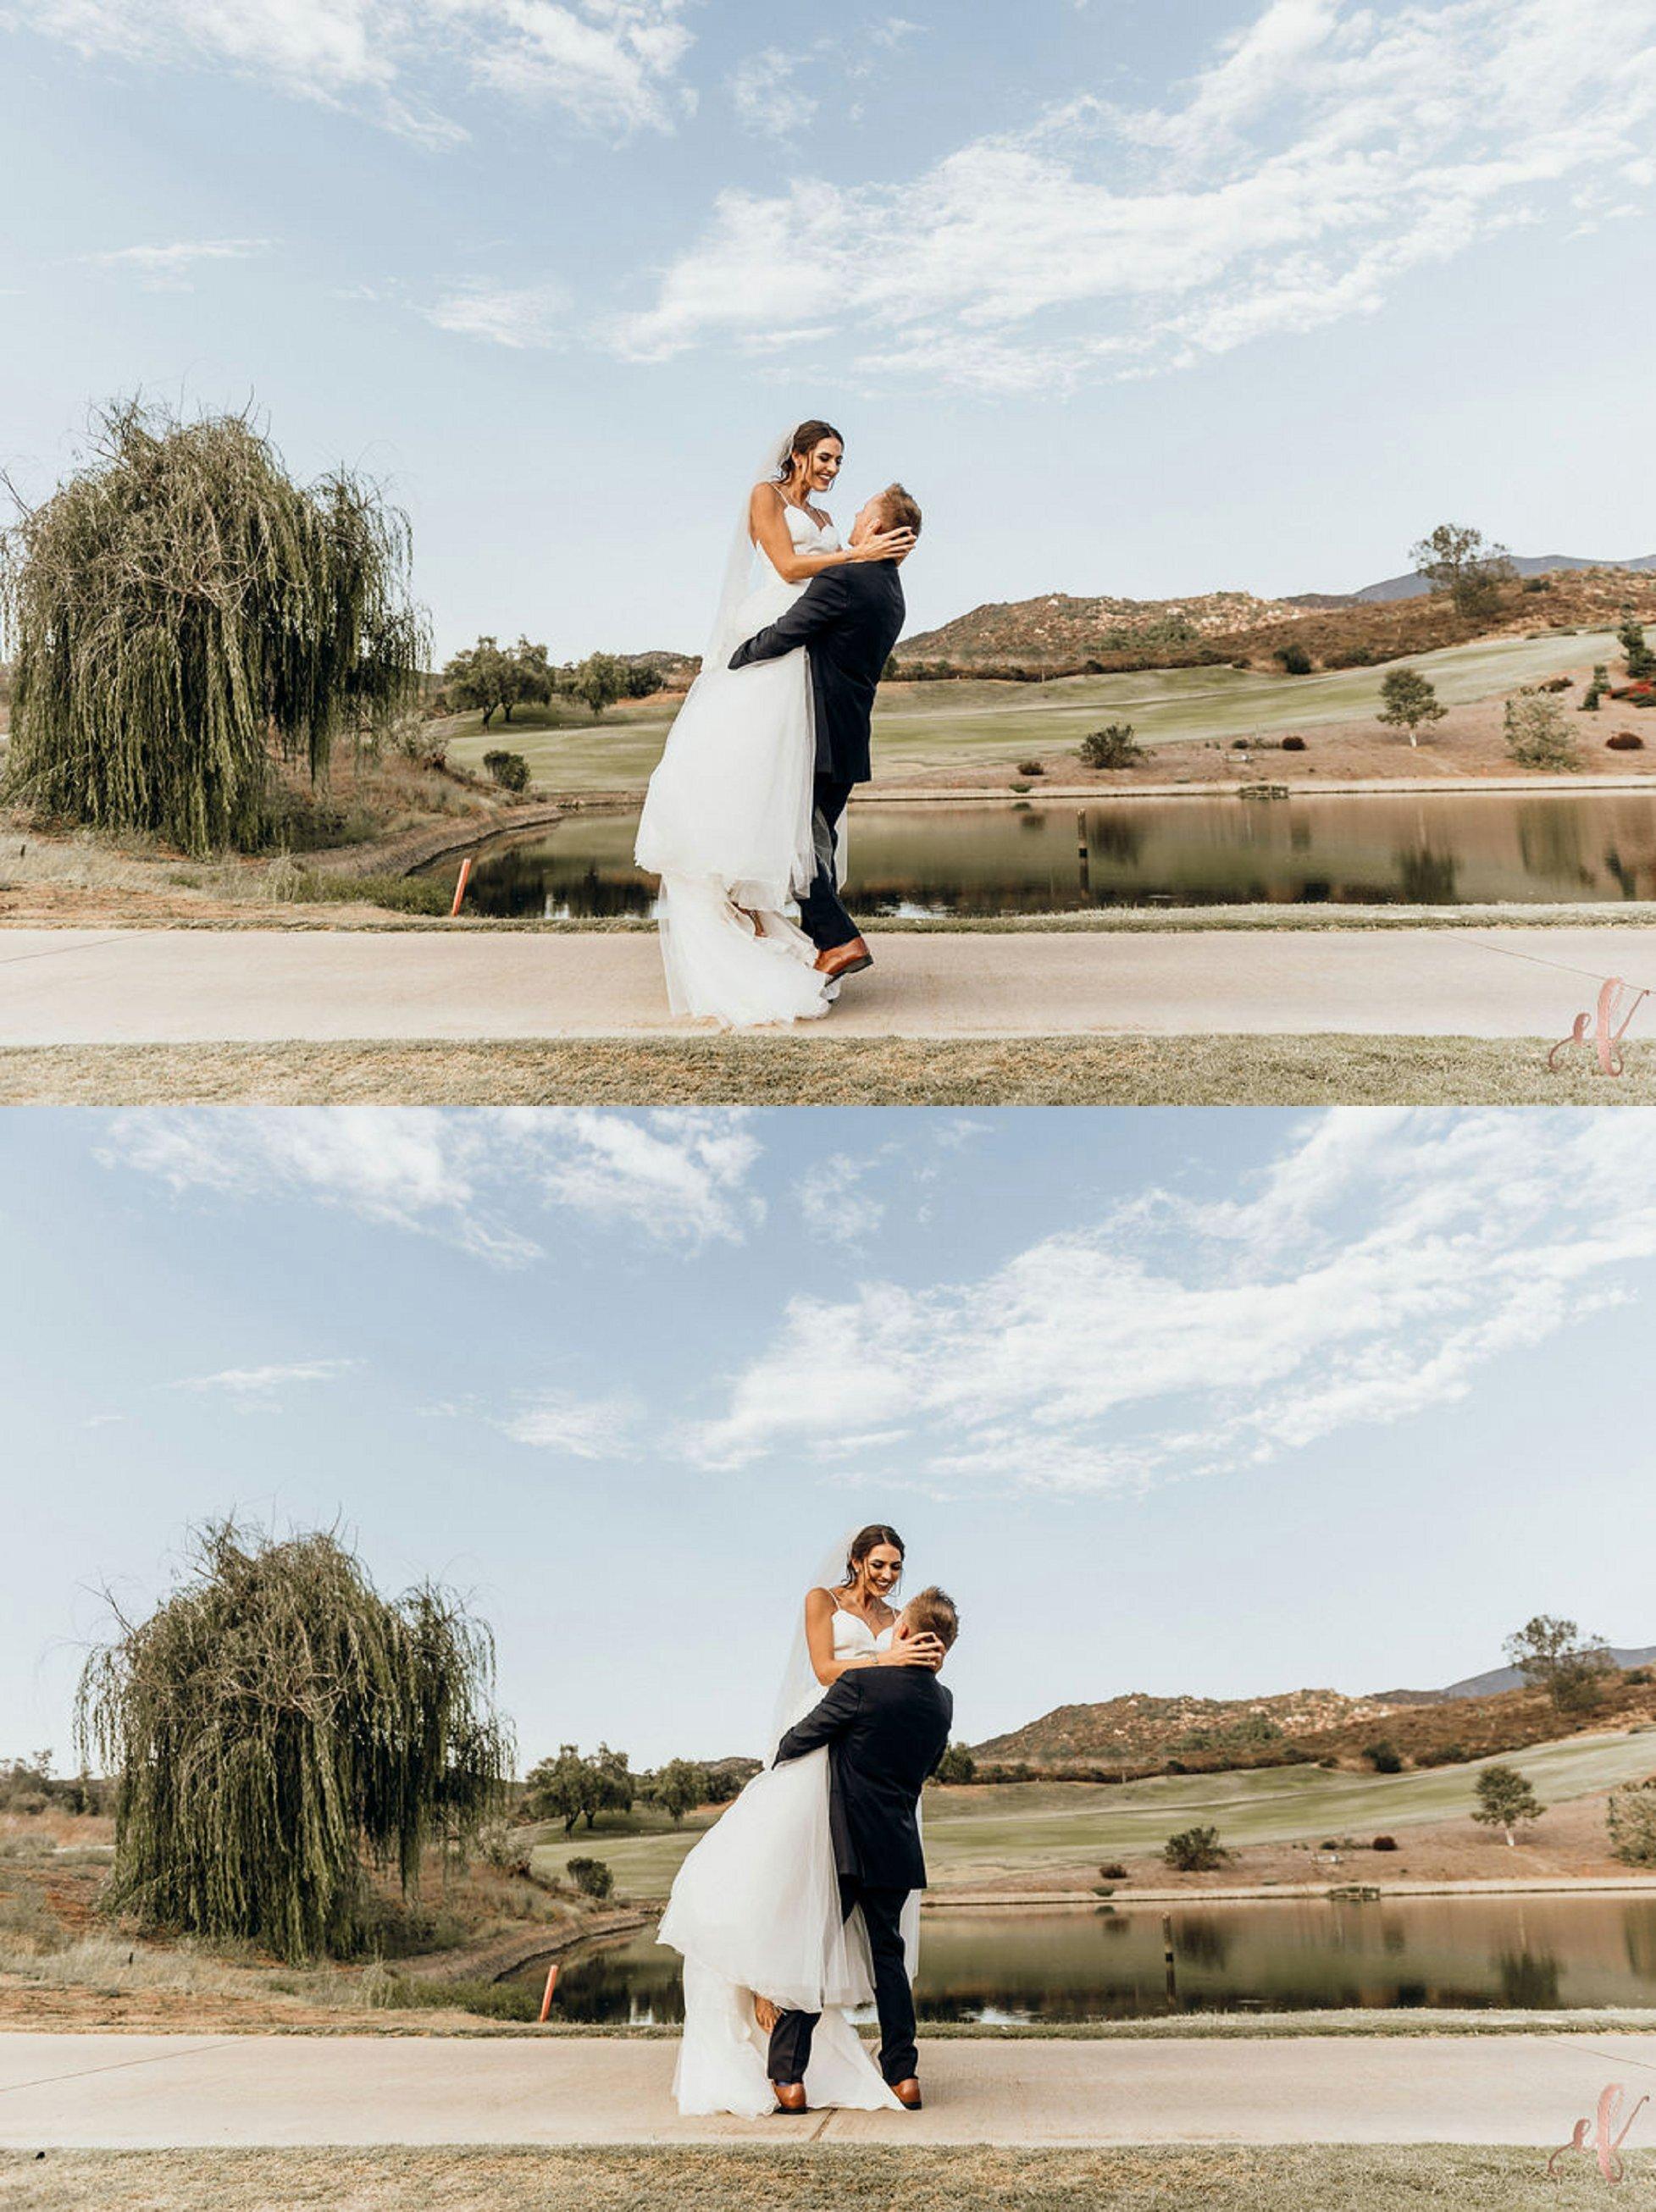 San Diego Wedding Photography Steele Canyon Golf Club_0087.jpg